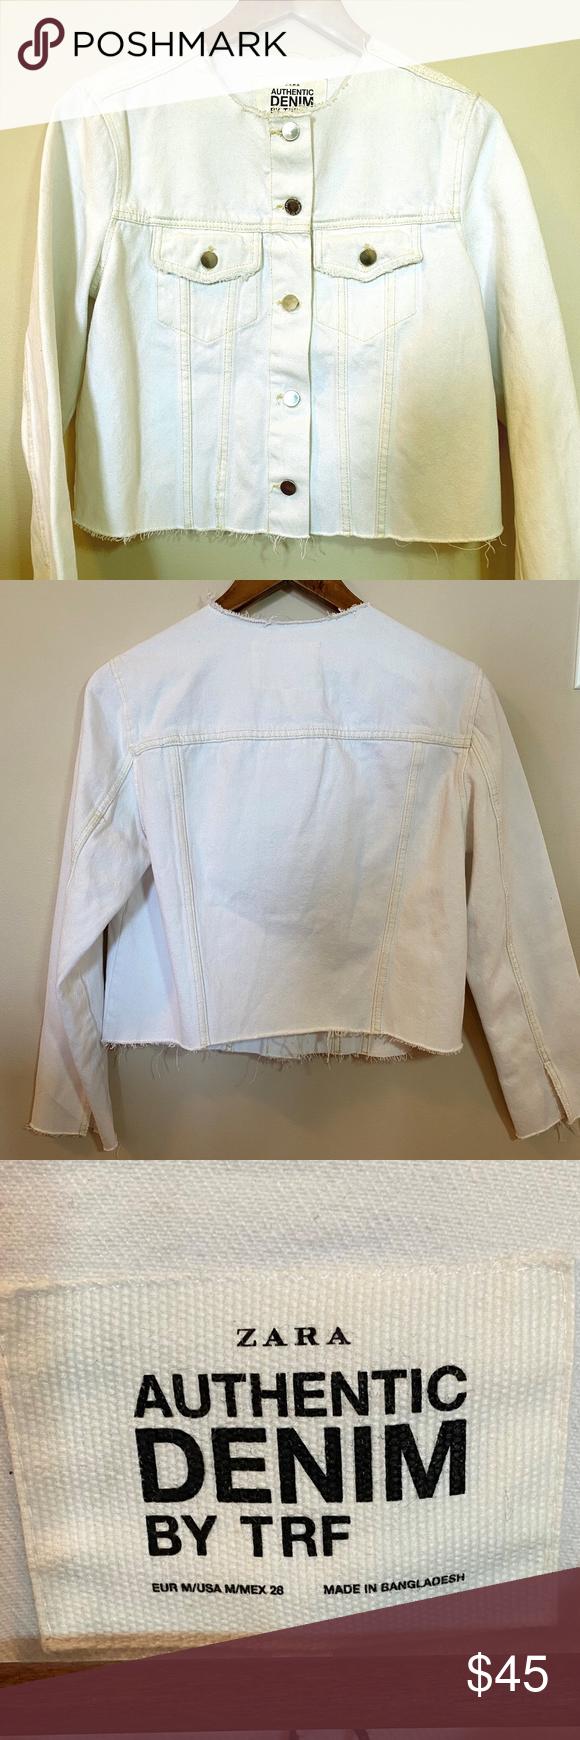 Zara Authentic White Denim Jacket By Trf White Denim Jacket Zara White Denim [ 1740 x 580 Pixel ]